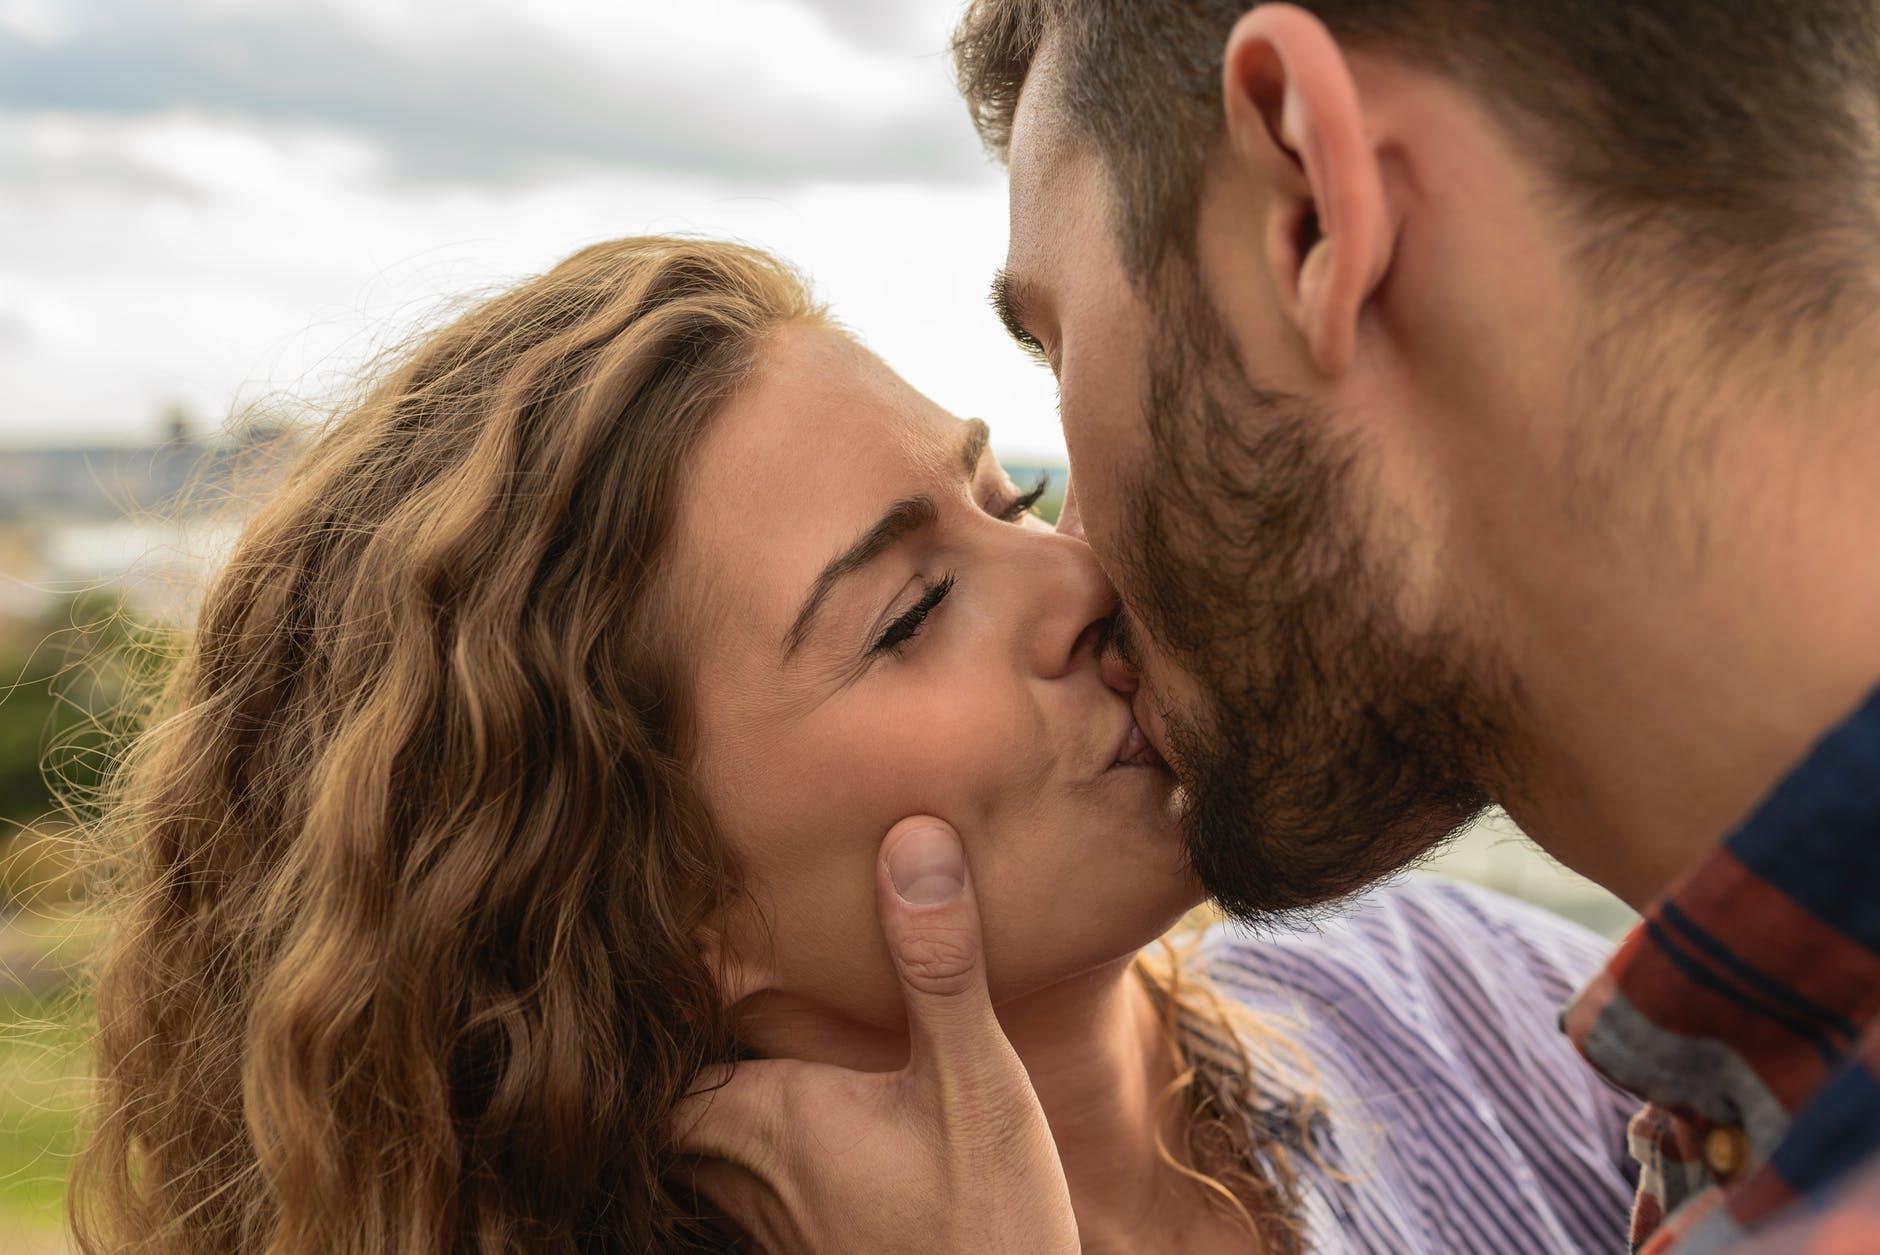 façons de s'embrasser